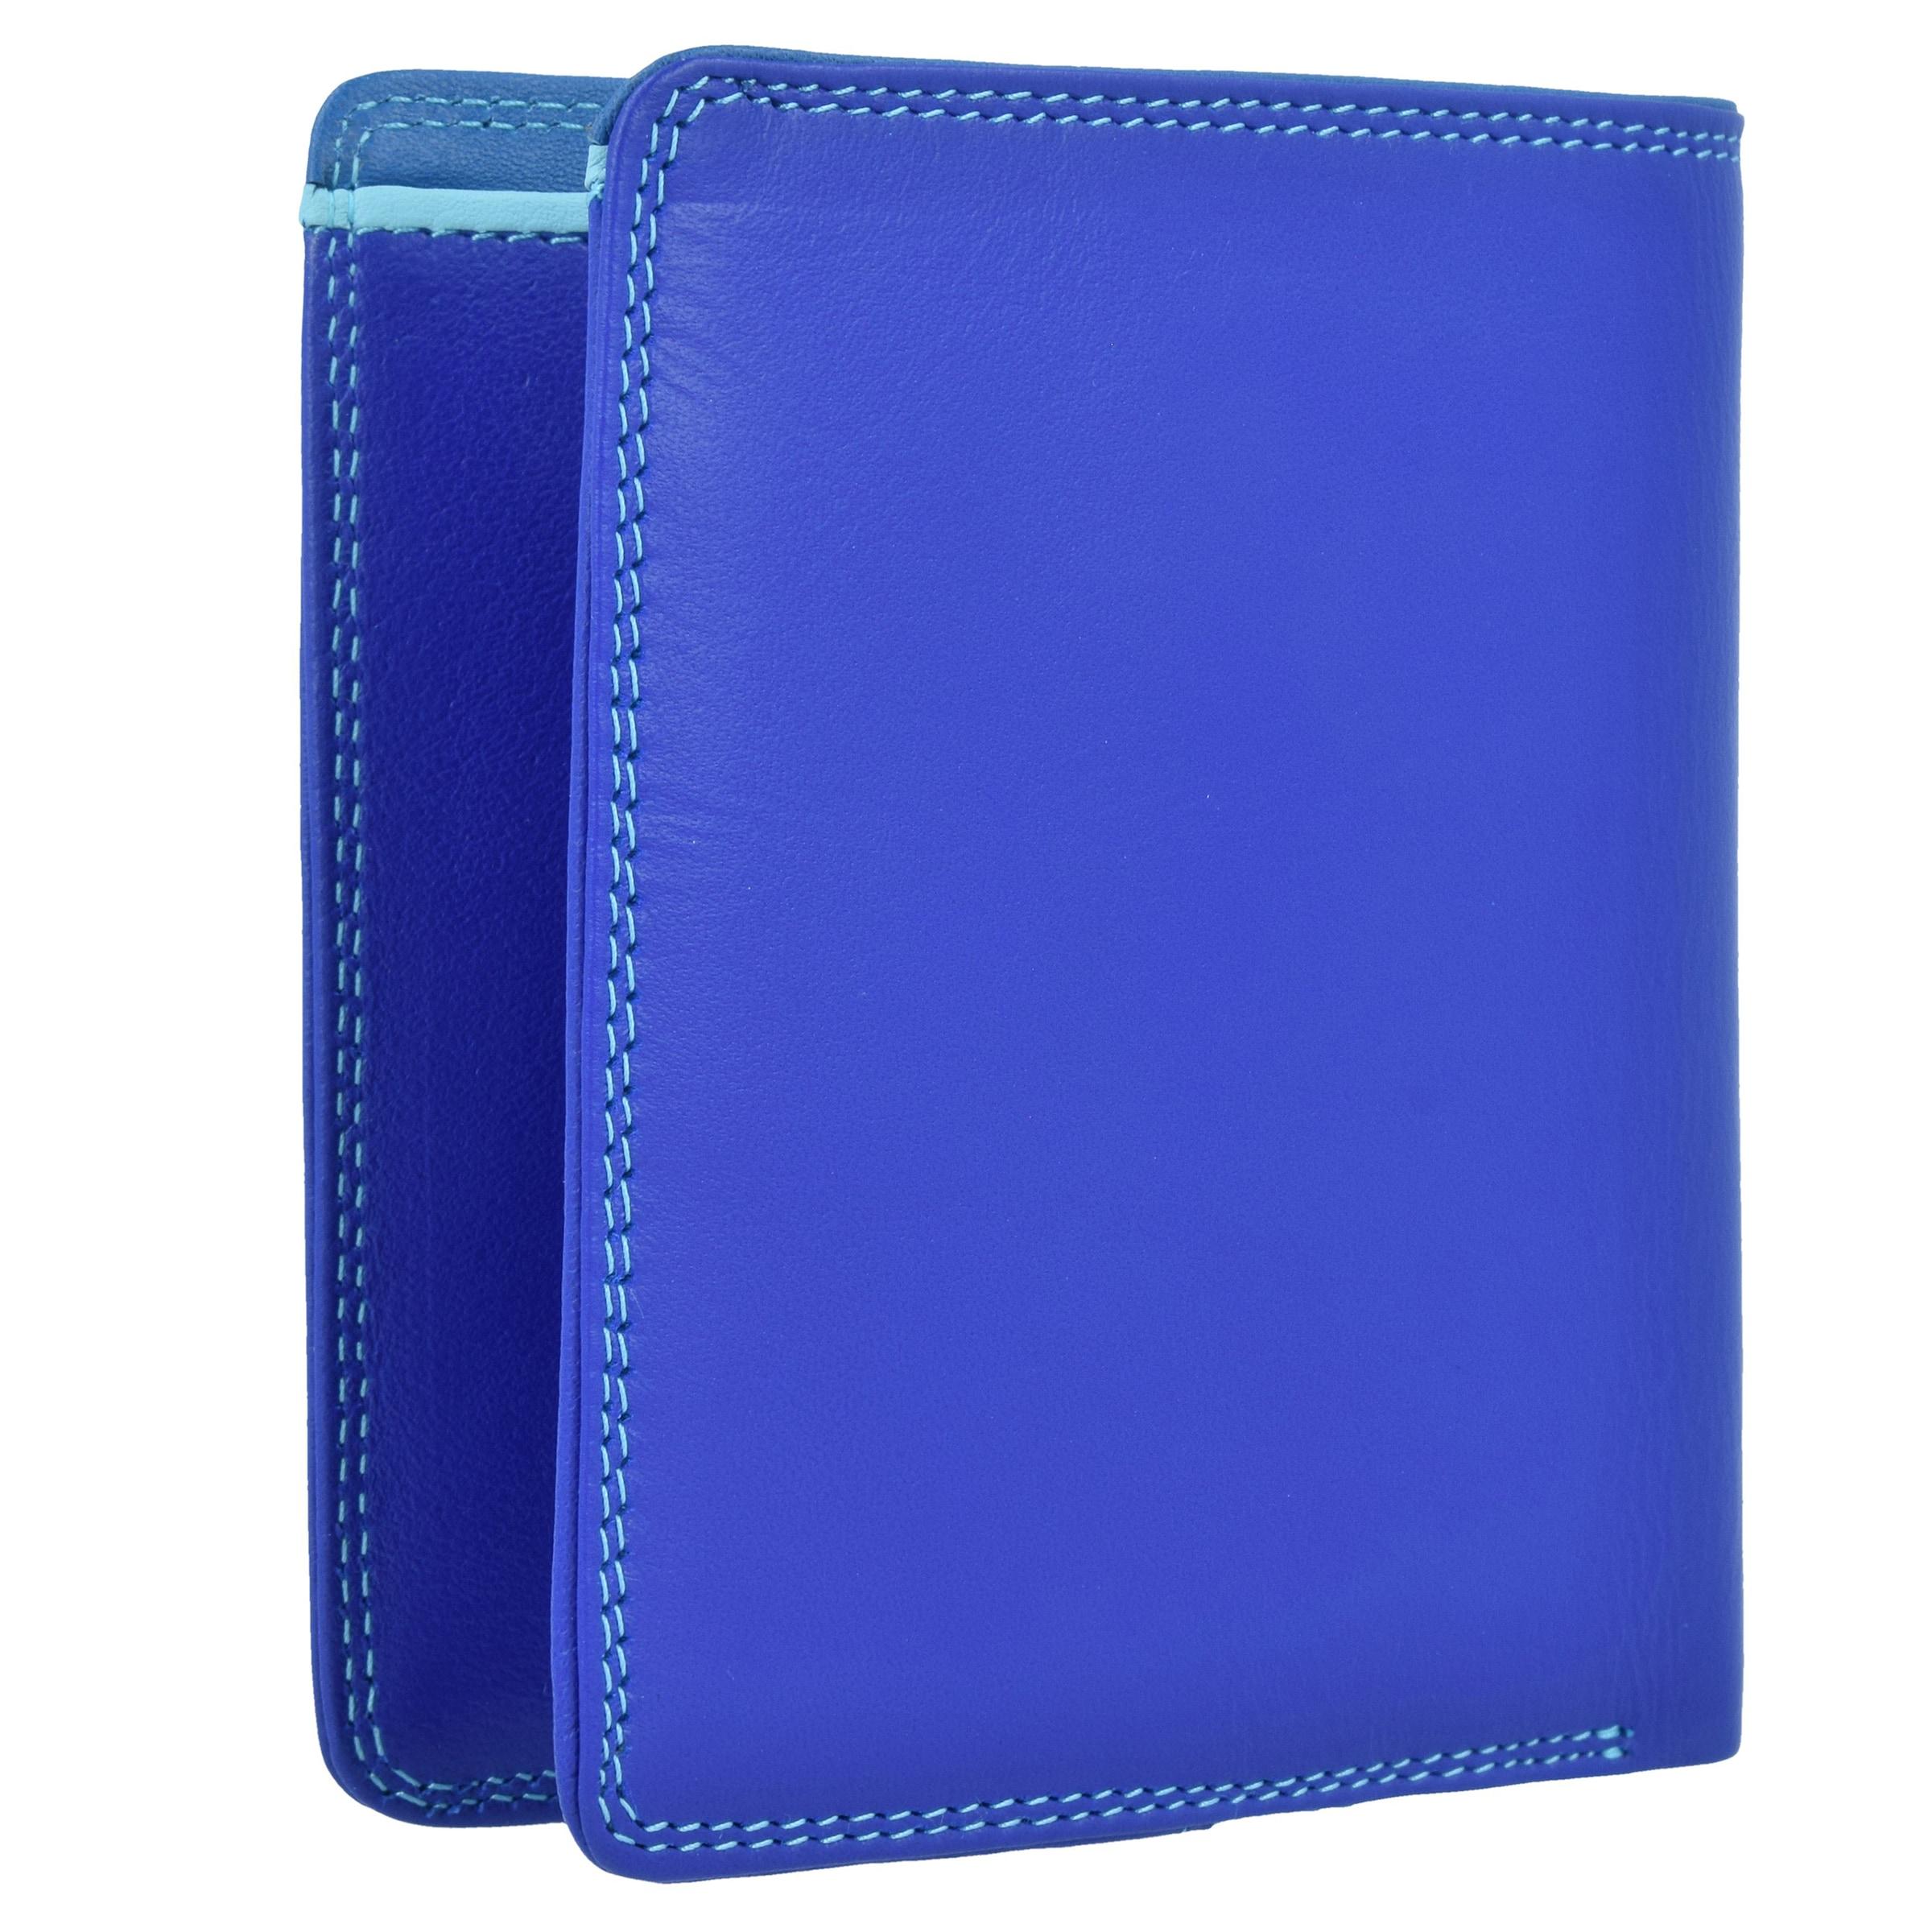 Roi En Mywalit monnaies Bleu Porte lFKJcT1